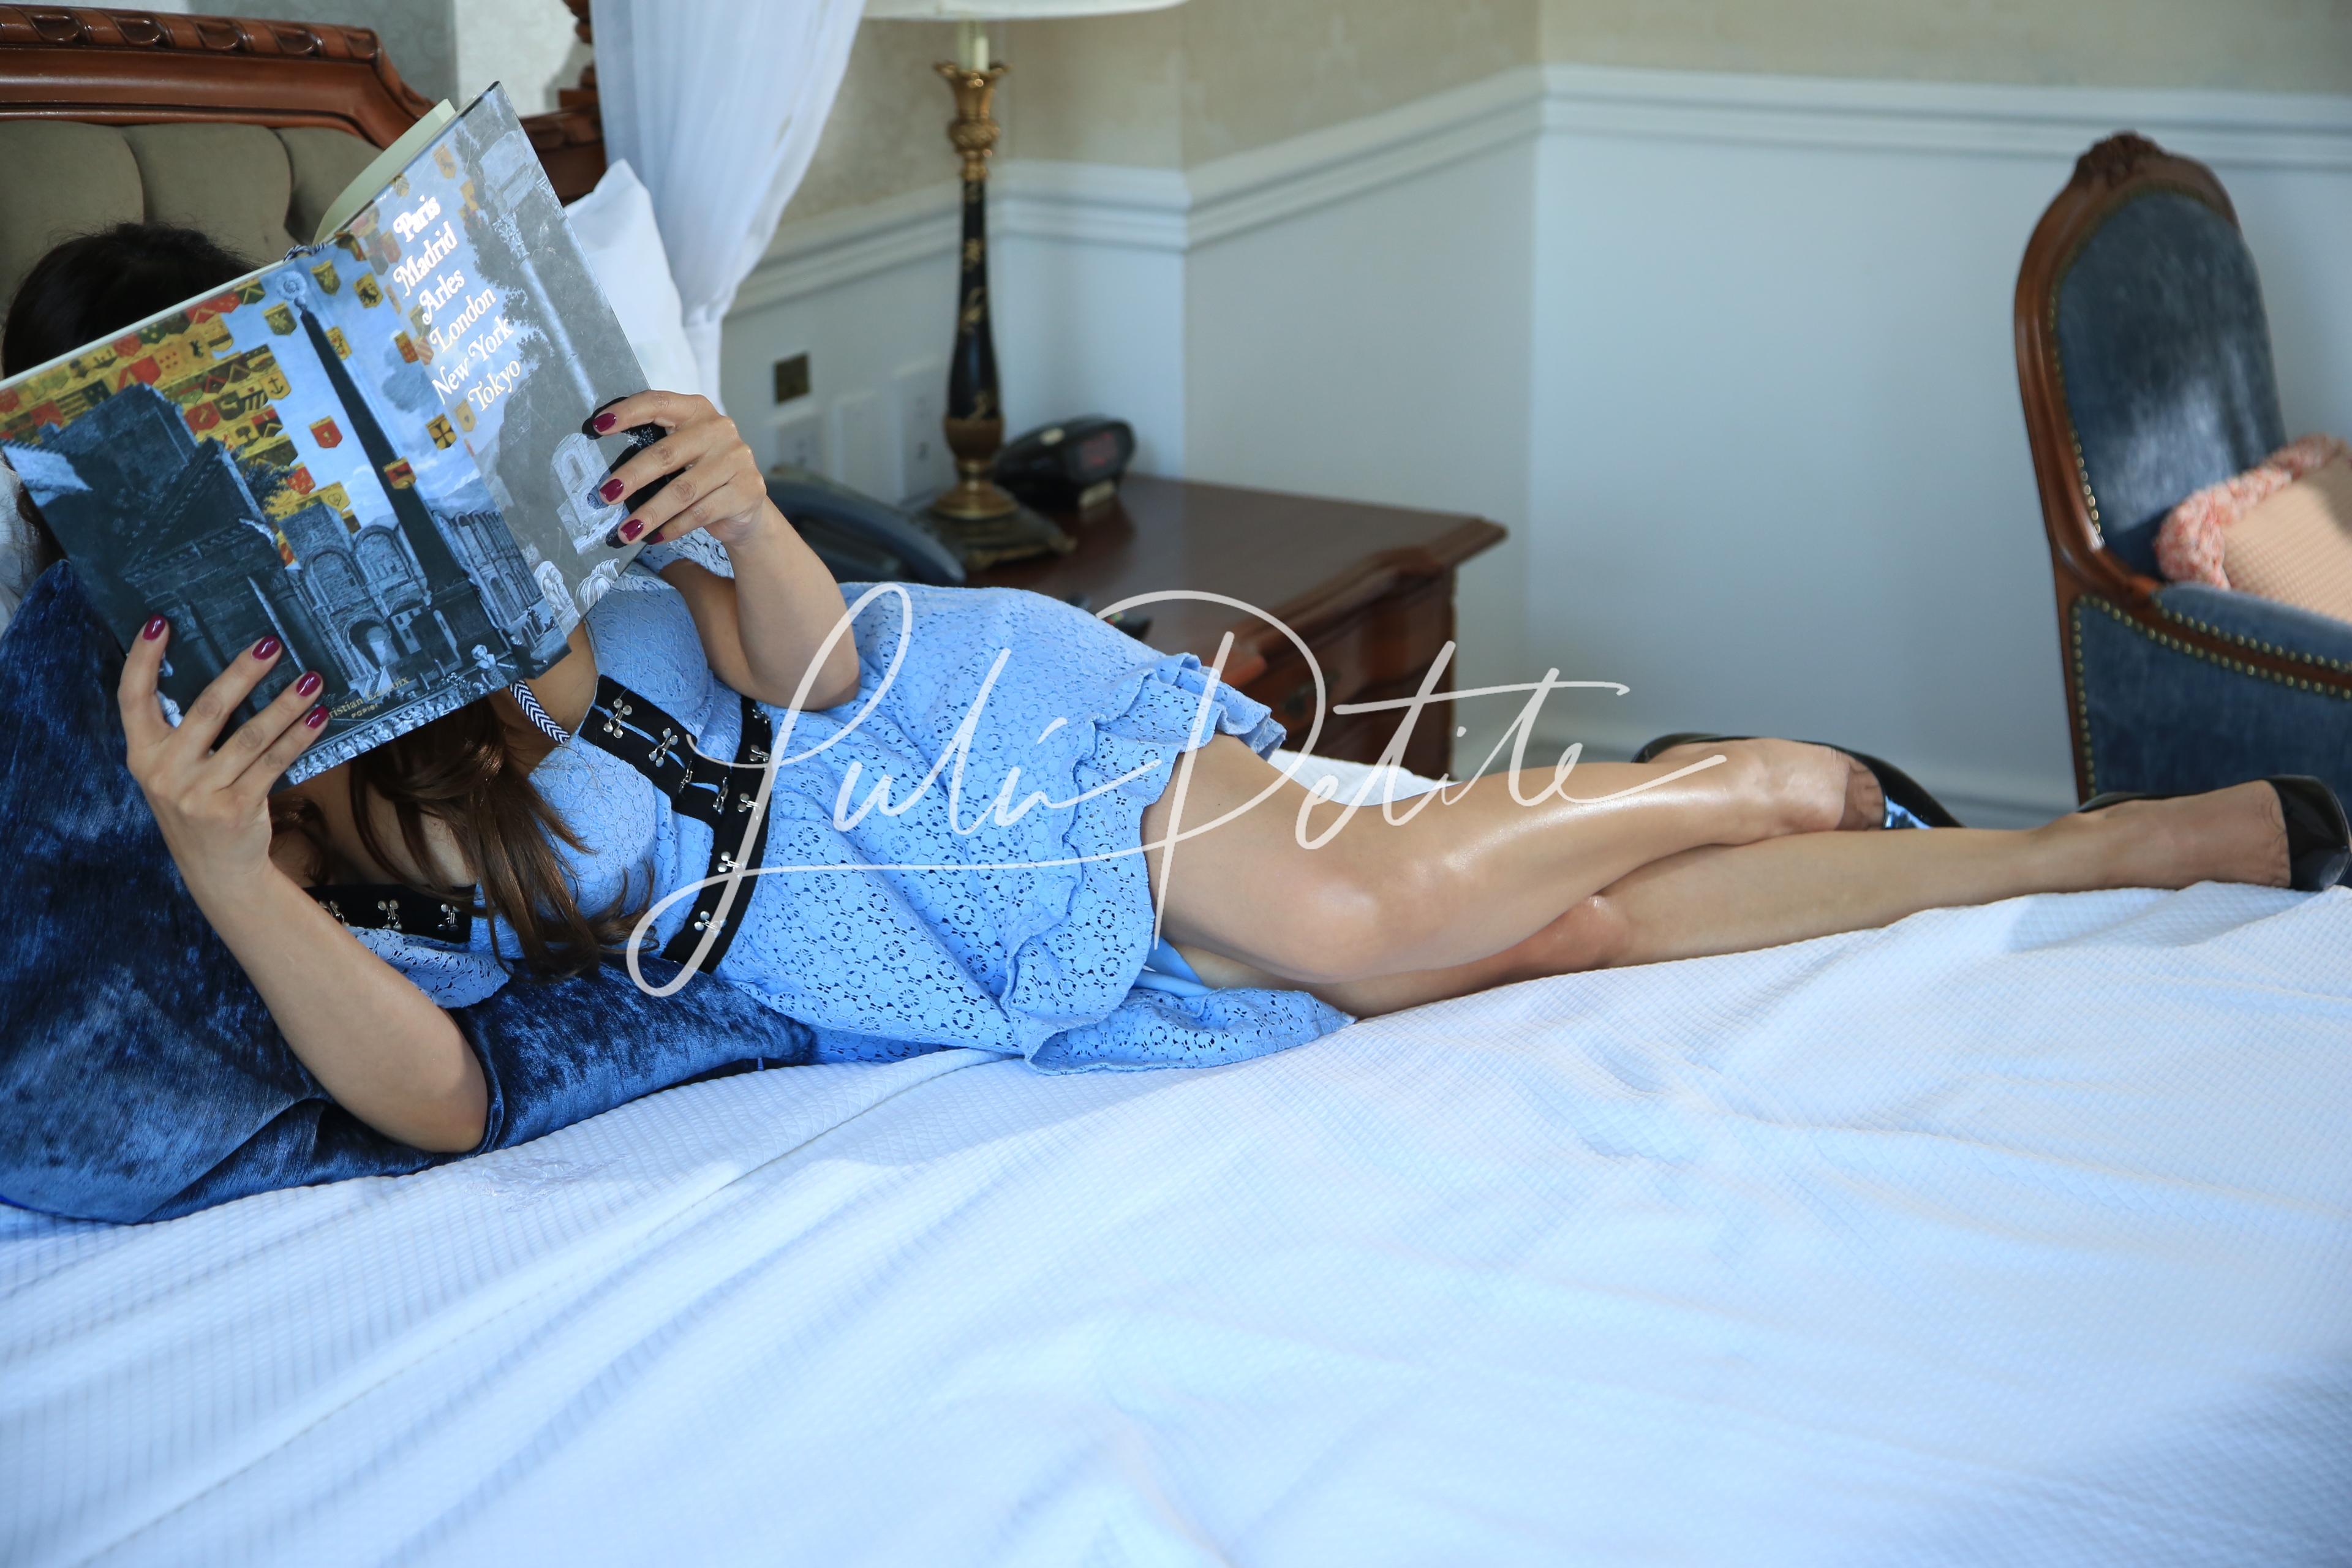 Te leo un cuento o hacemos nuestro propia historia...